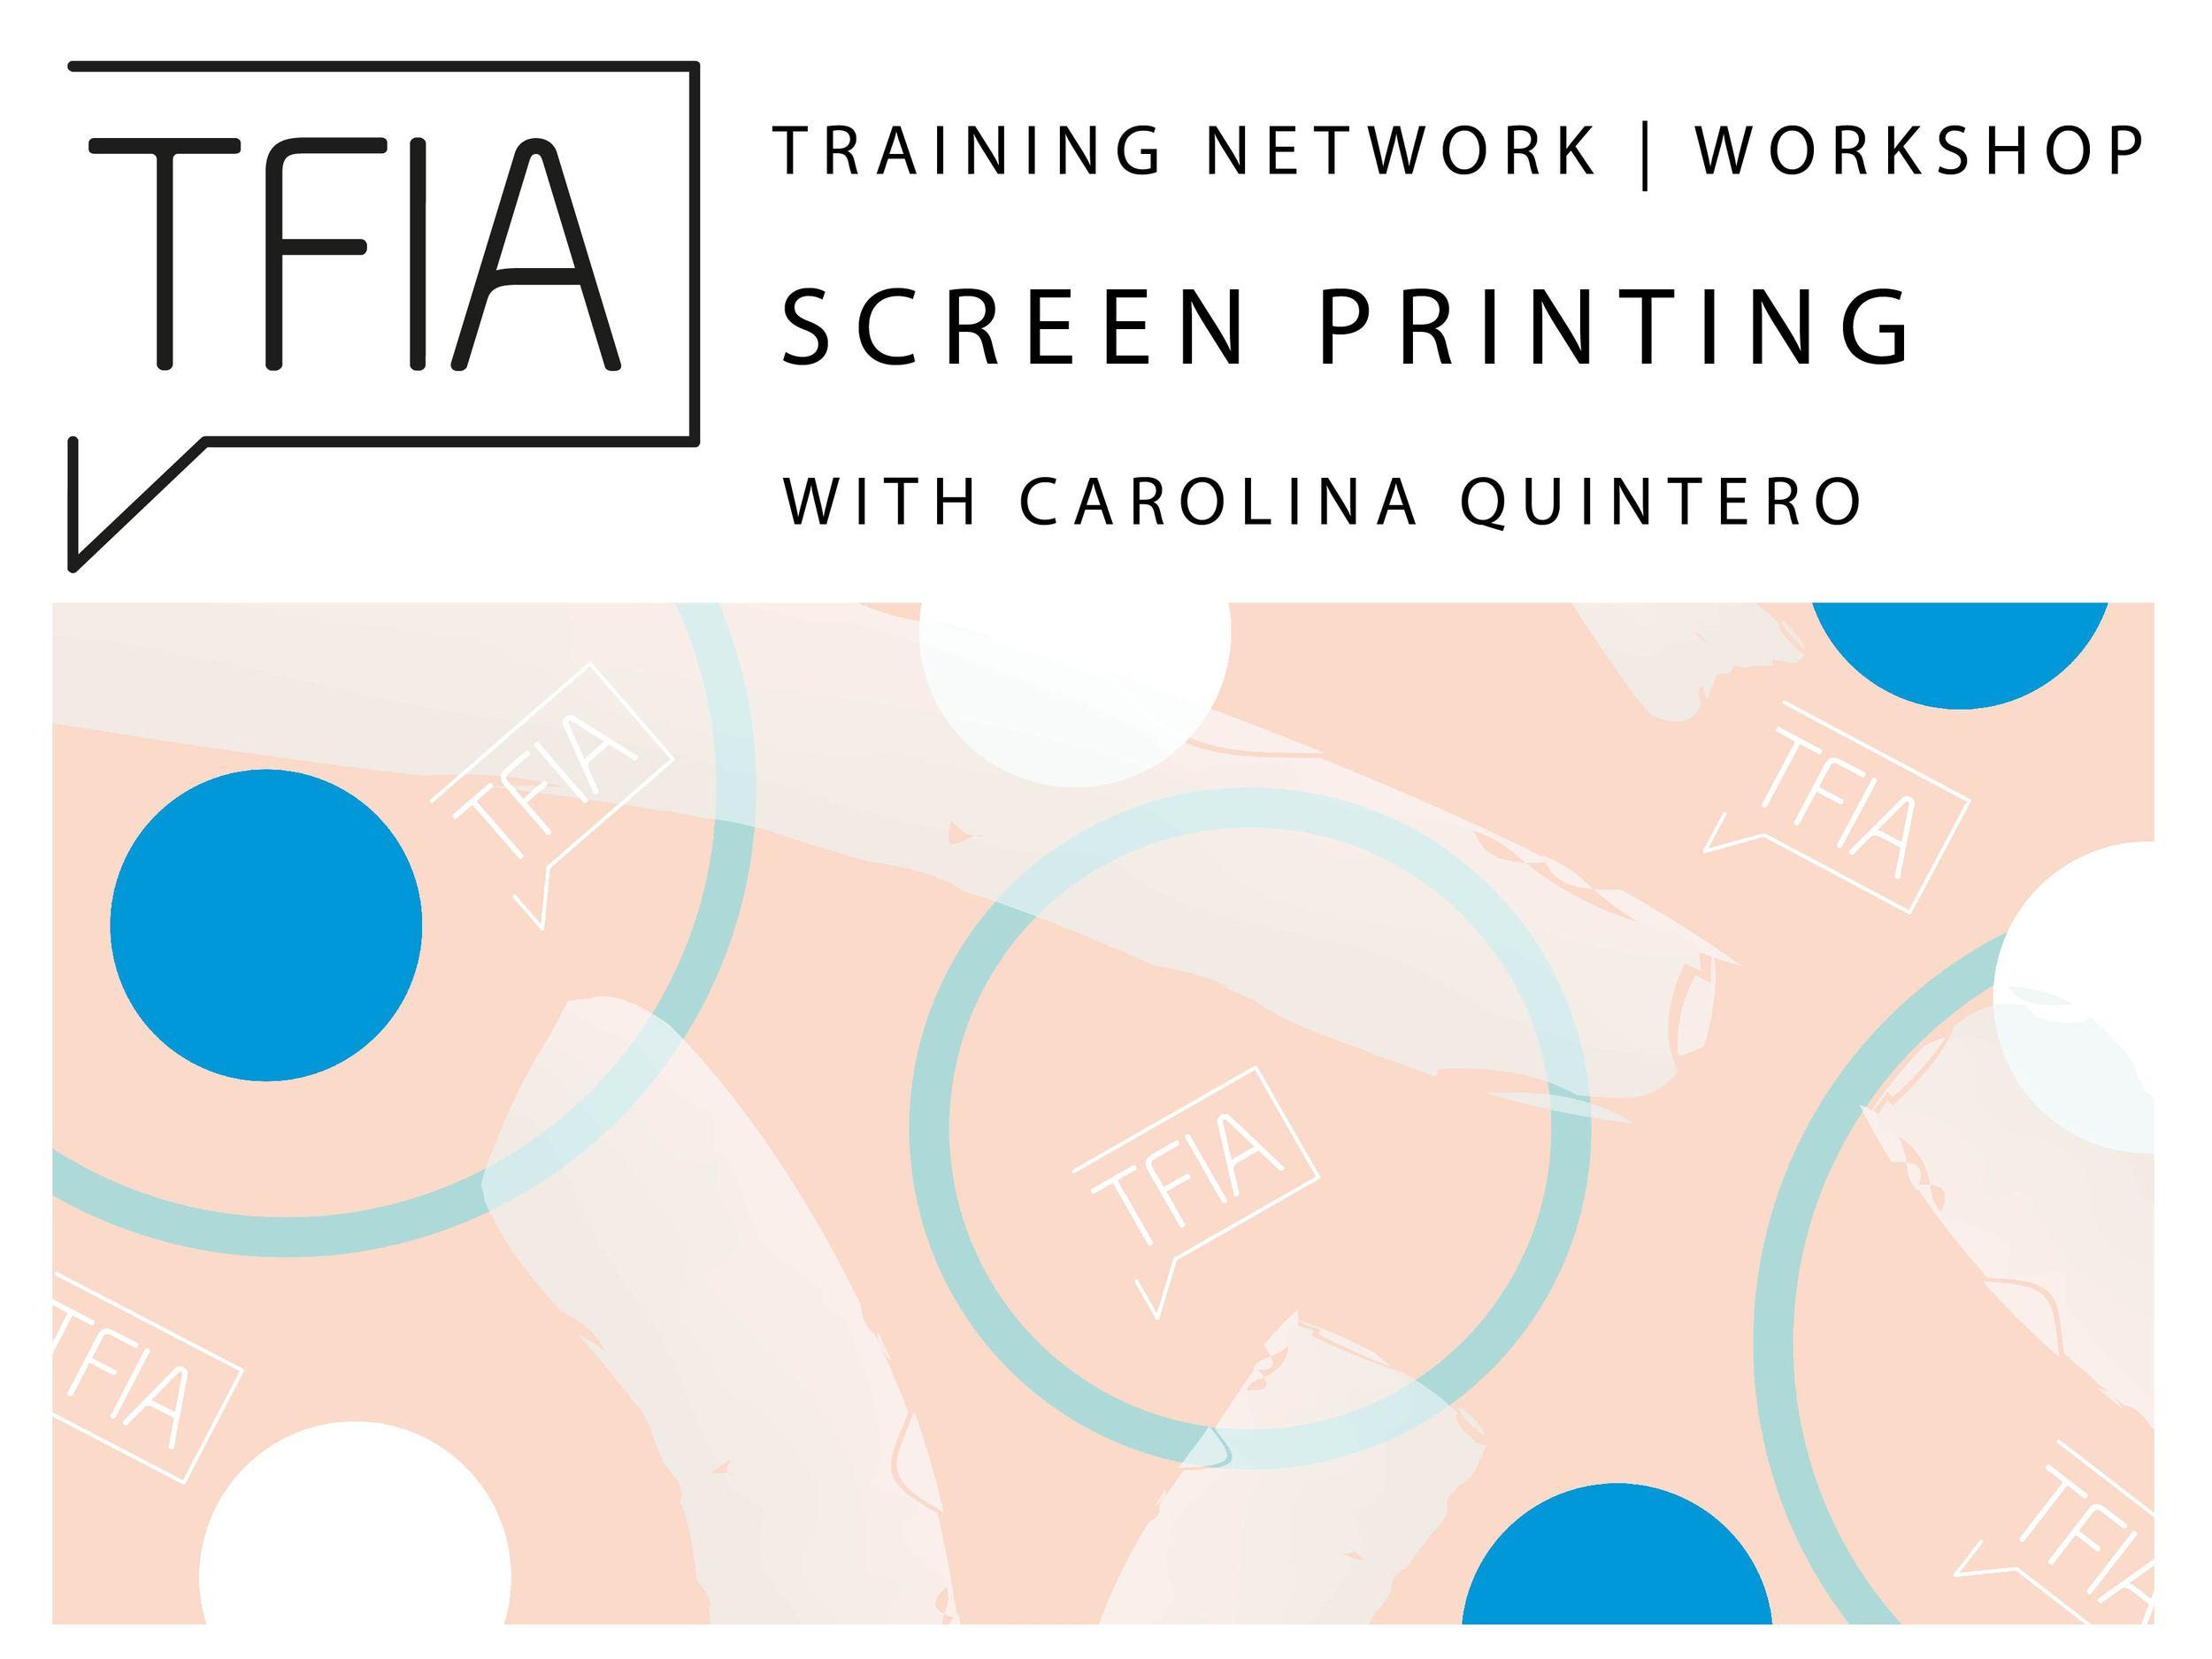 screenprintingworkshop01-2.jpg